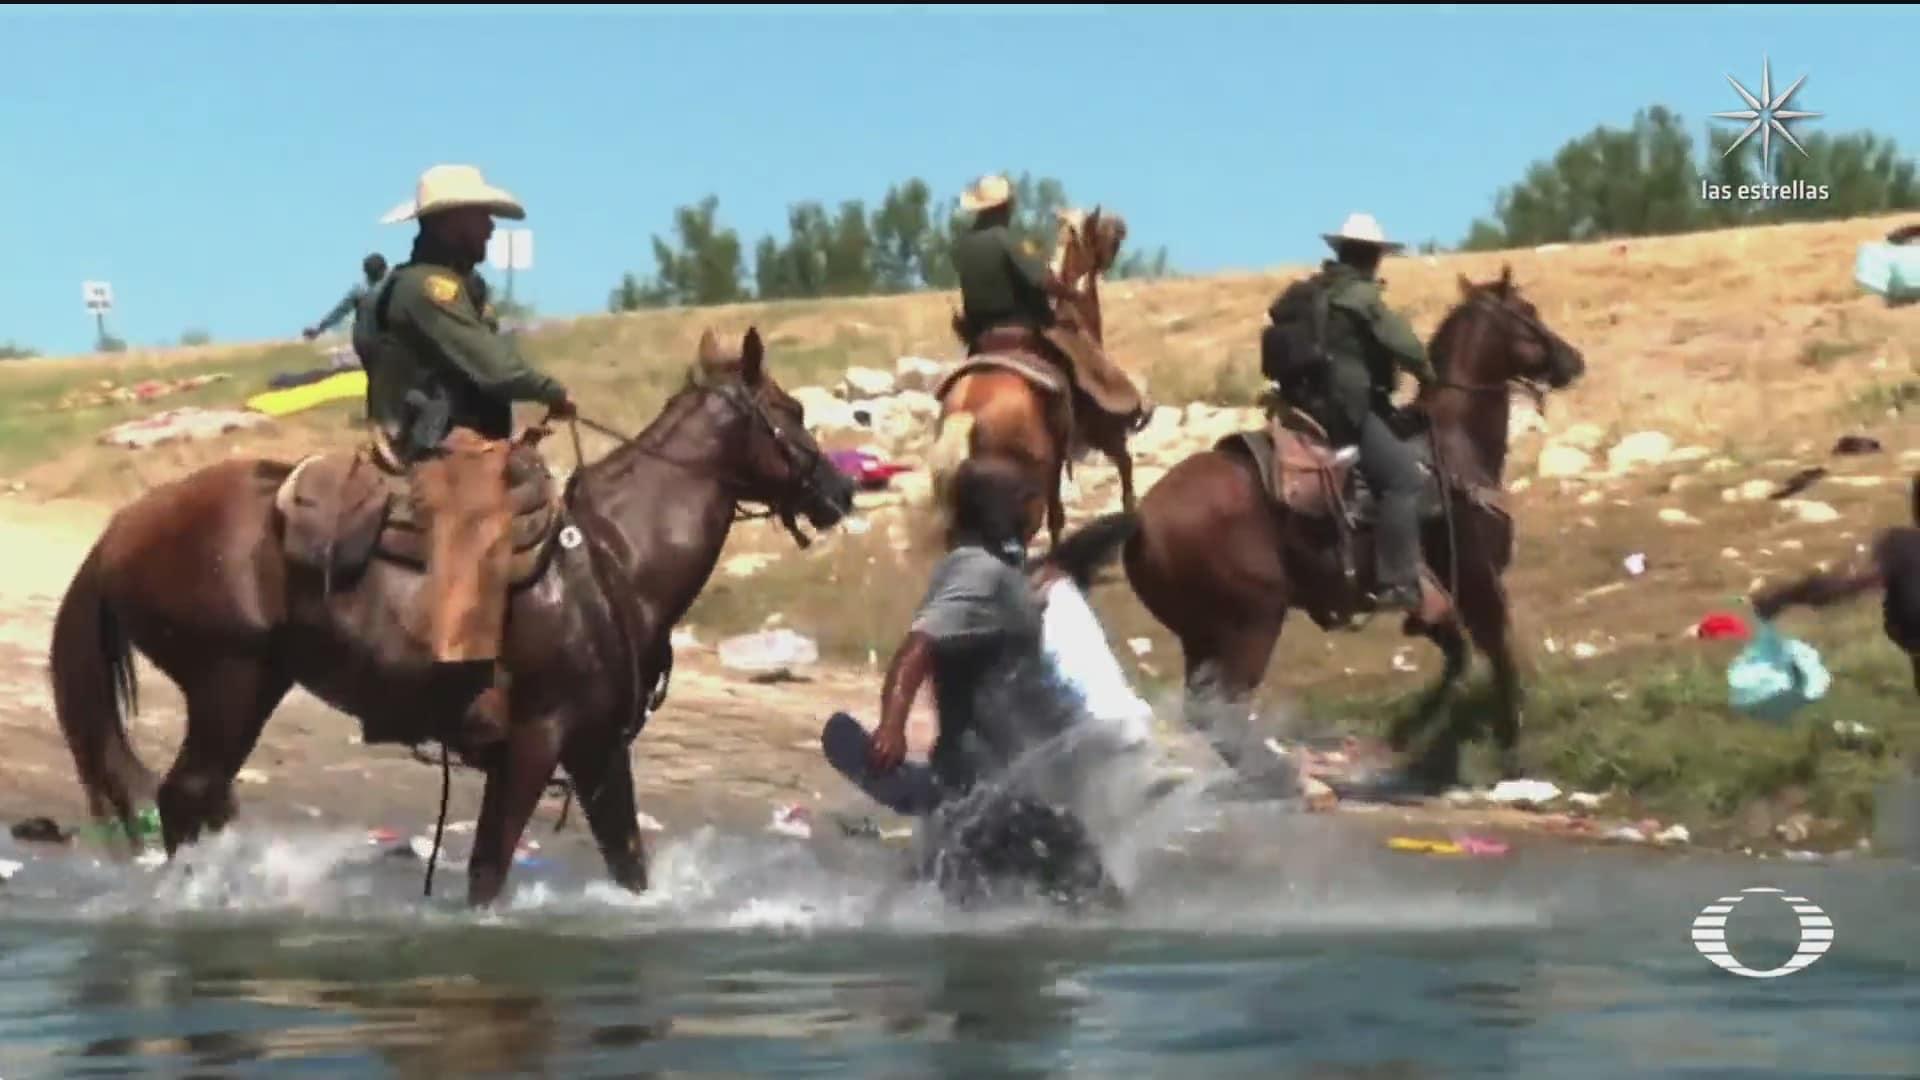 agentes de la patrulla fronteriza ahuyenta con caballos a migrantes haitianos